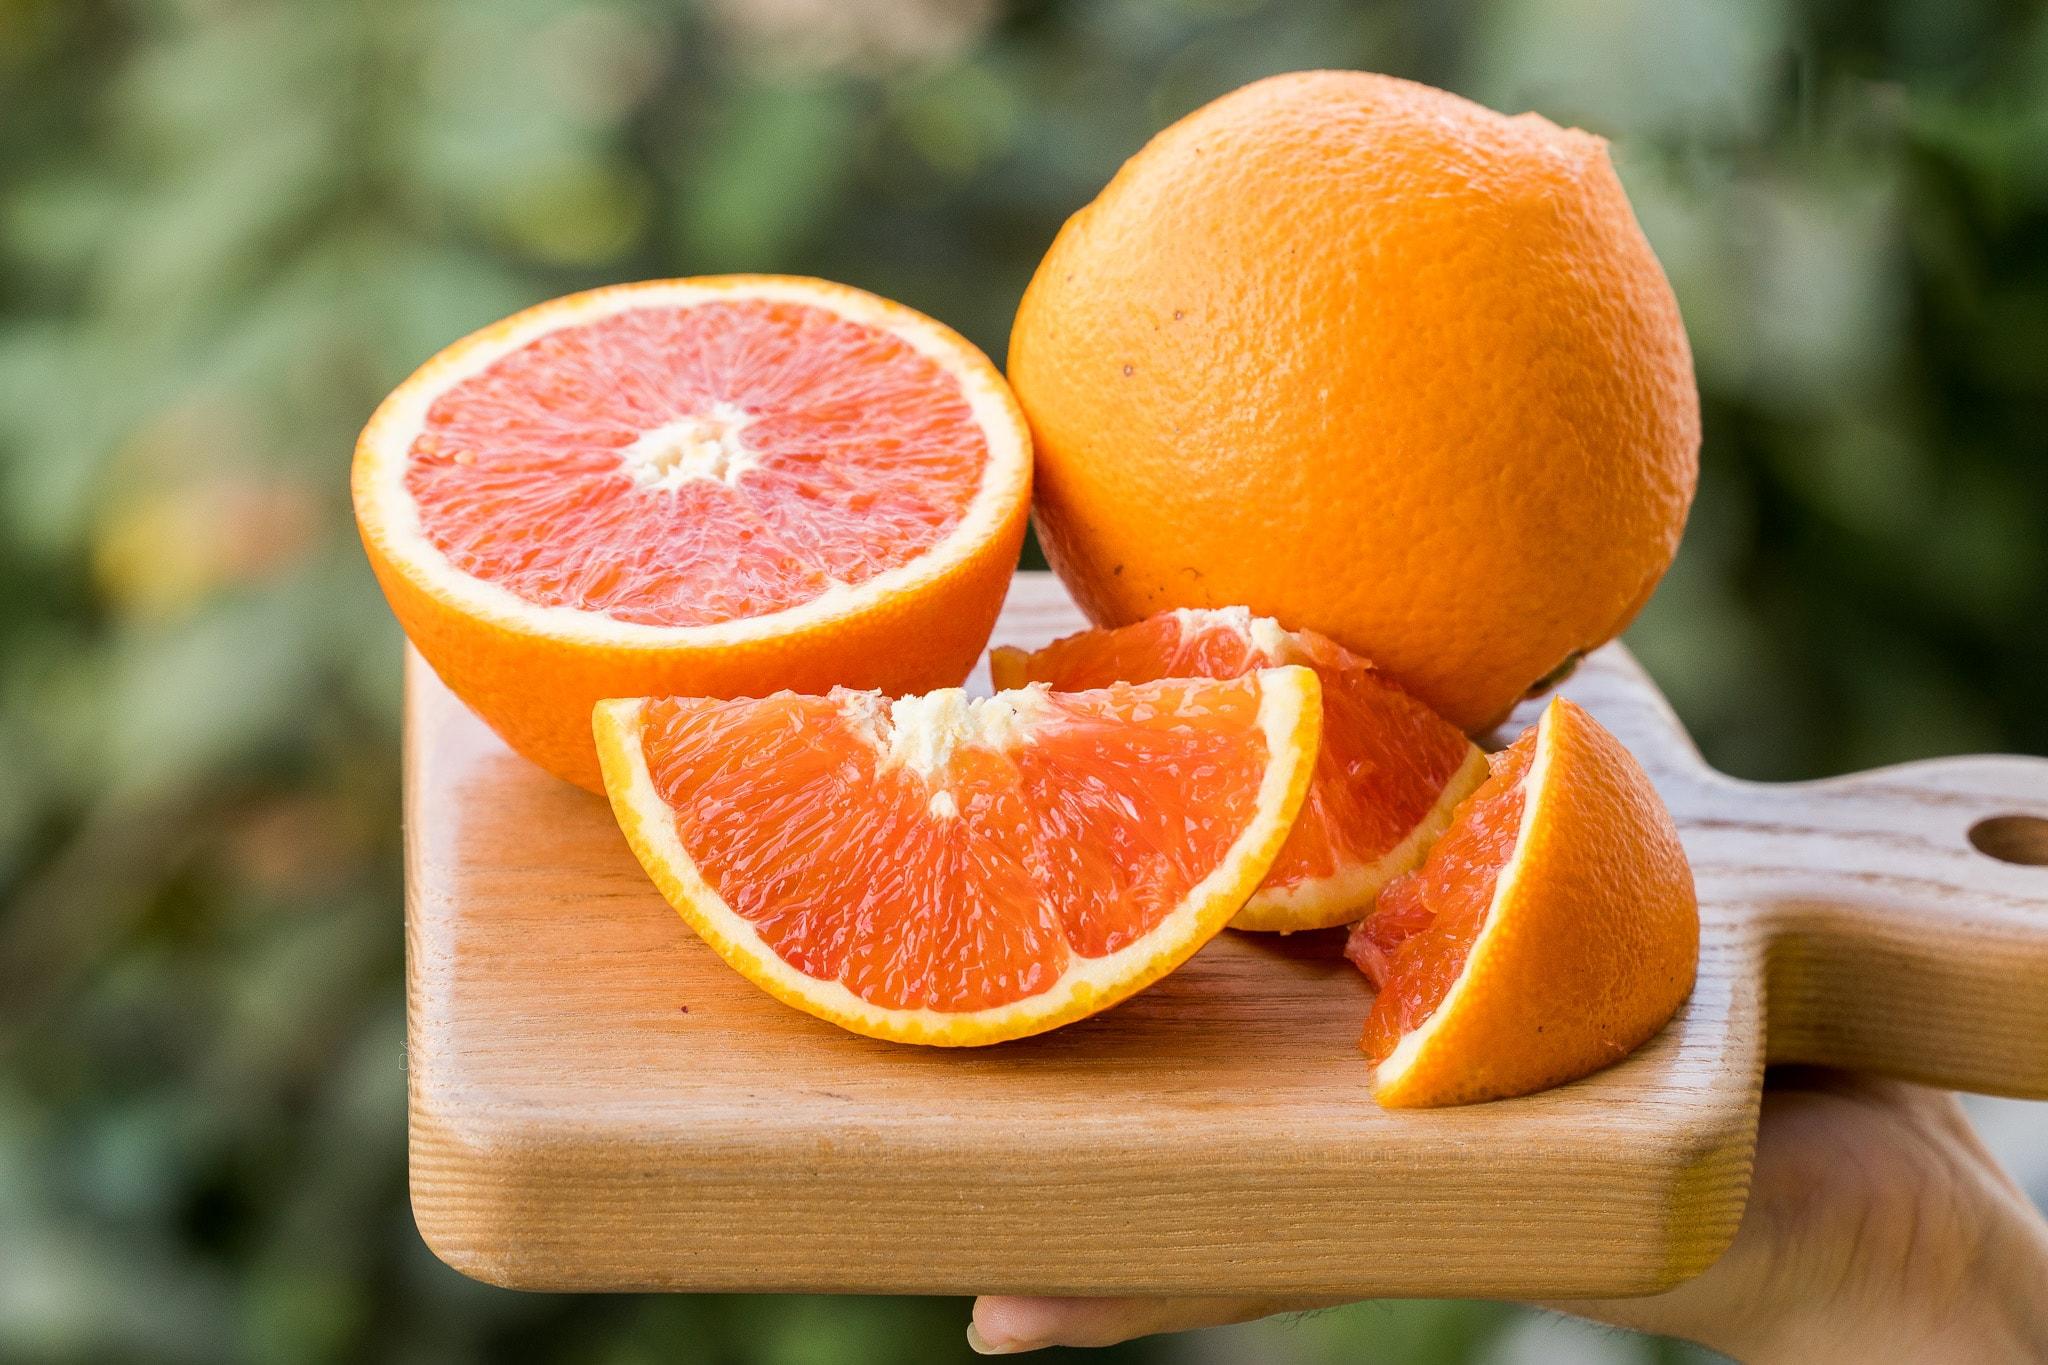 Cam ruột đỏ Mỹ - Cam dành cho người sành ăn | Fuji Fruit | Hệ thống hoa quả  sạch nhập khẩu Fuji